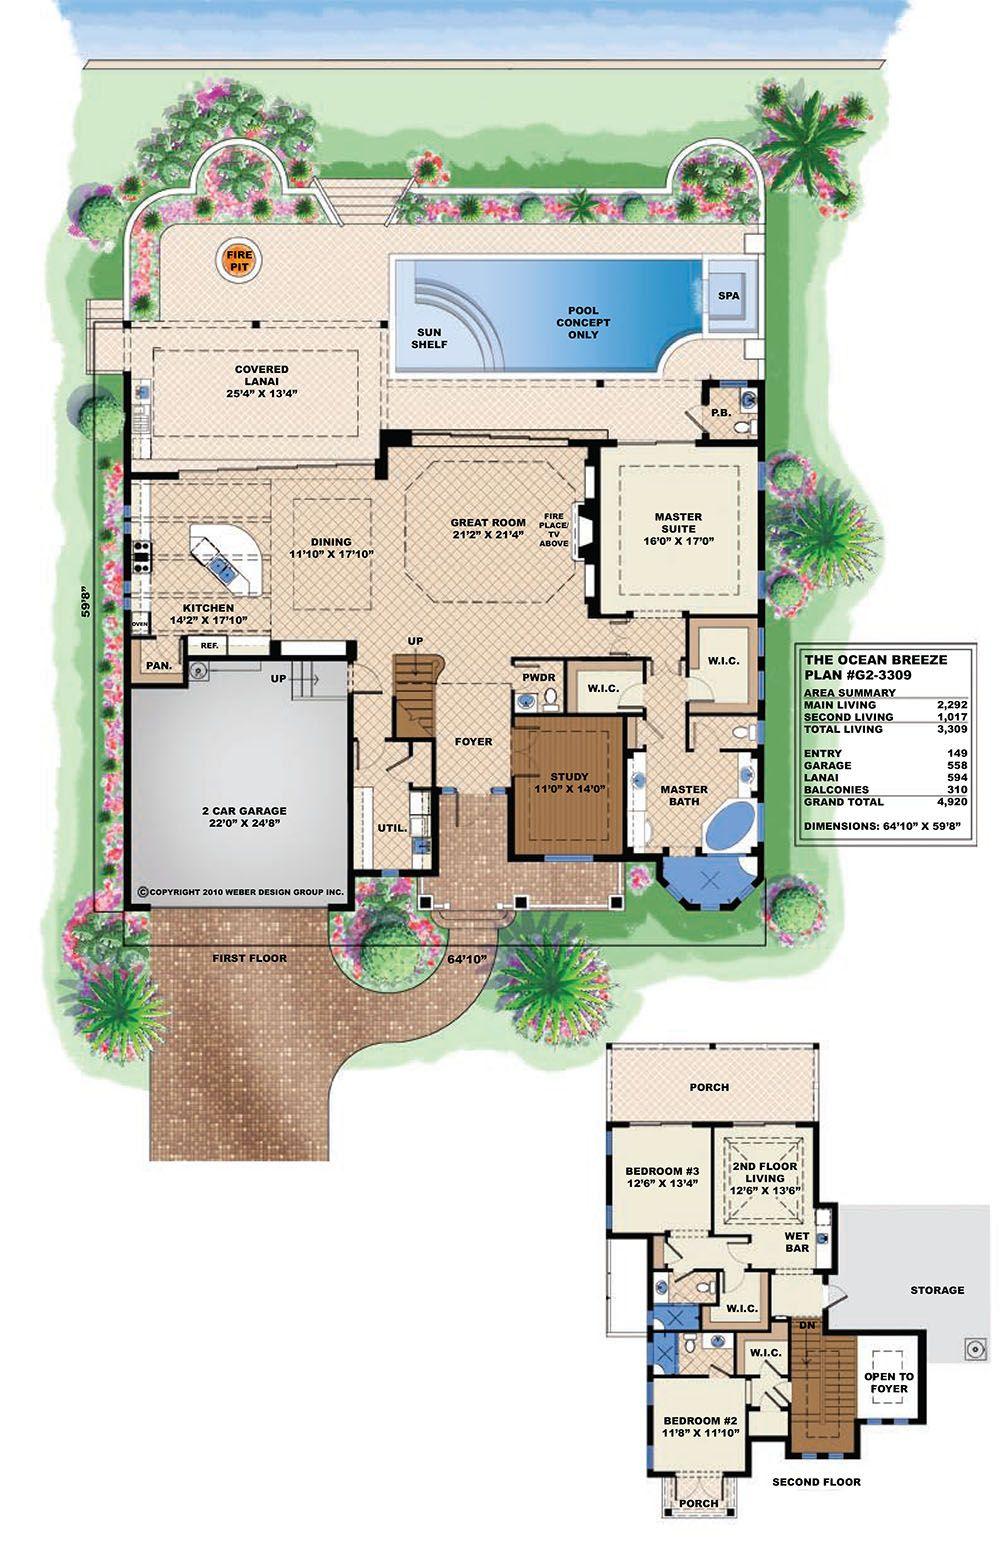 Beach House Plan Old Florida Caribbean Style Home Floor Plan Florida House Plans Key West House Coastal House Plans